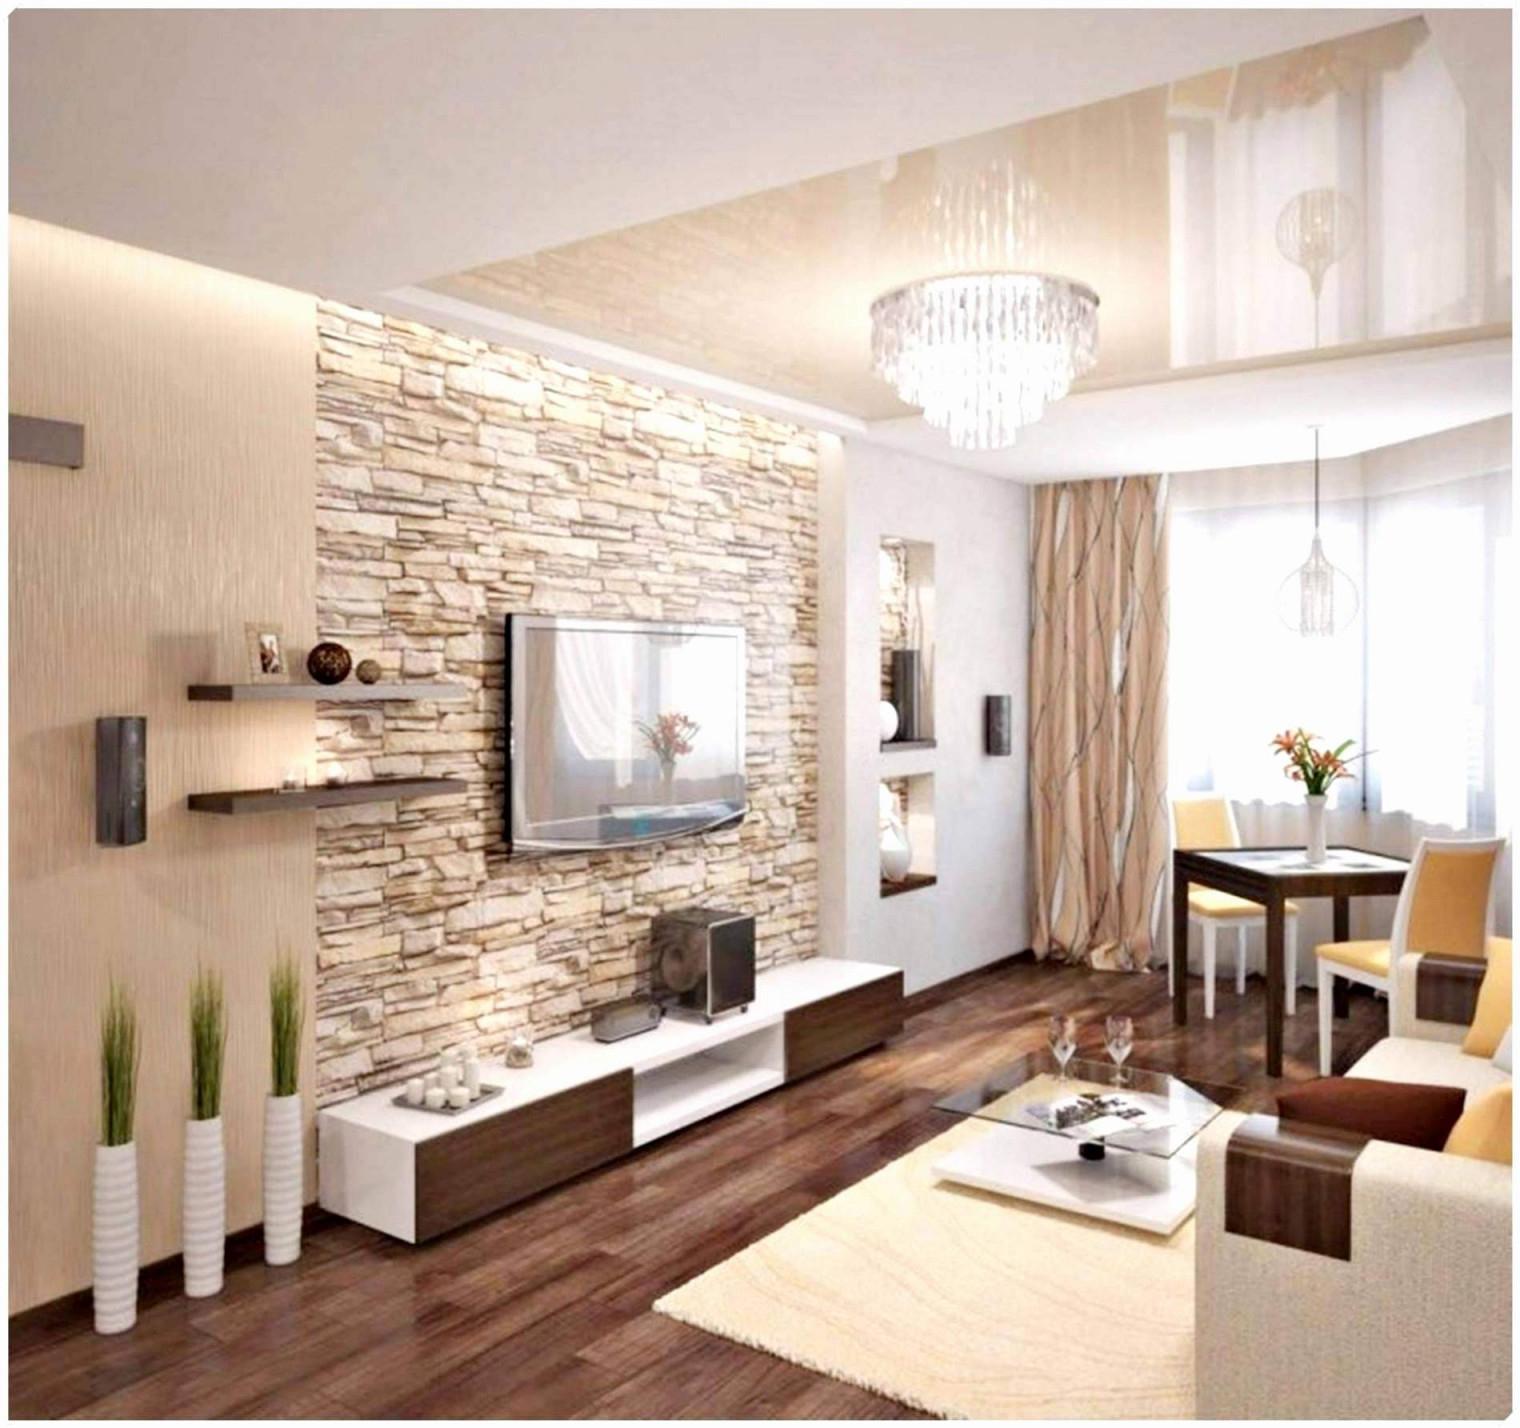 36 Neu Wandgestaltung Wohnzimmer Farbe Schön  Wohnzimmer Frisch von Wandgestaltung Ideen Wohnzimmer Bild